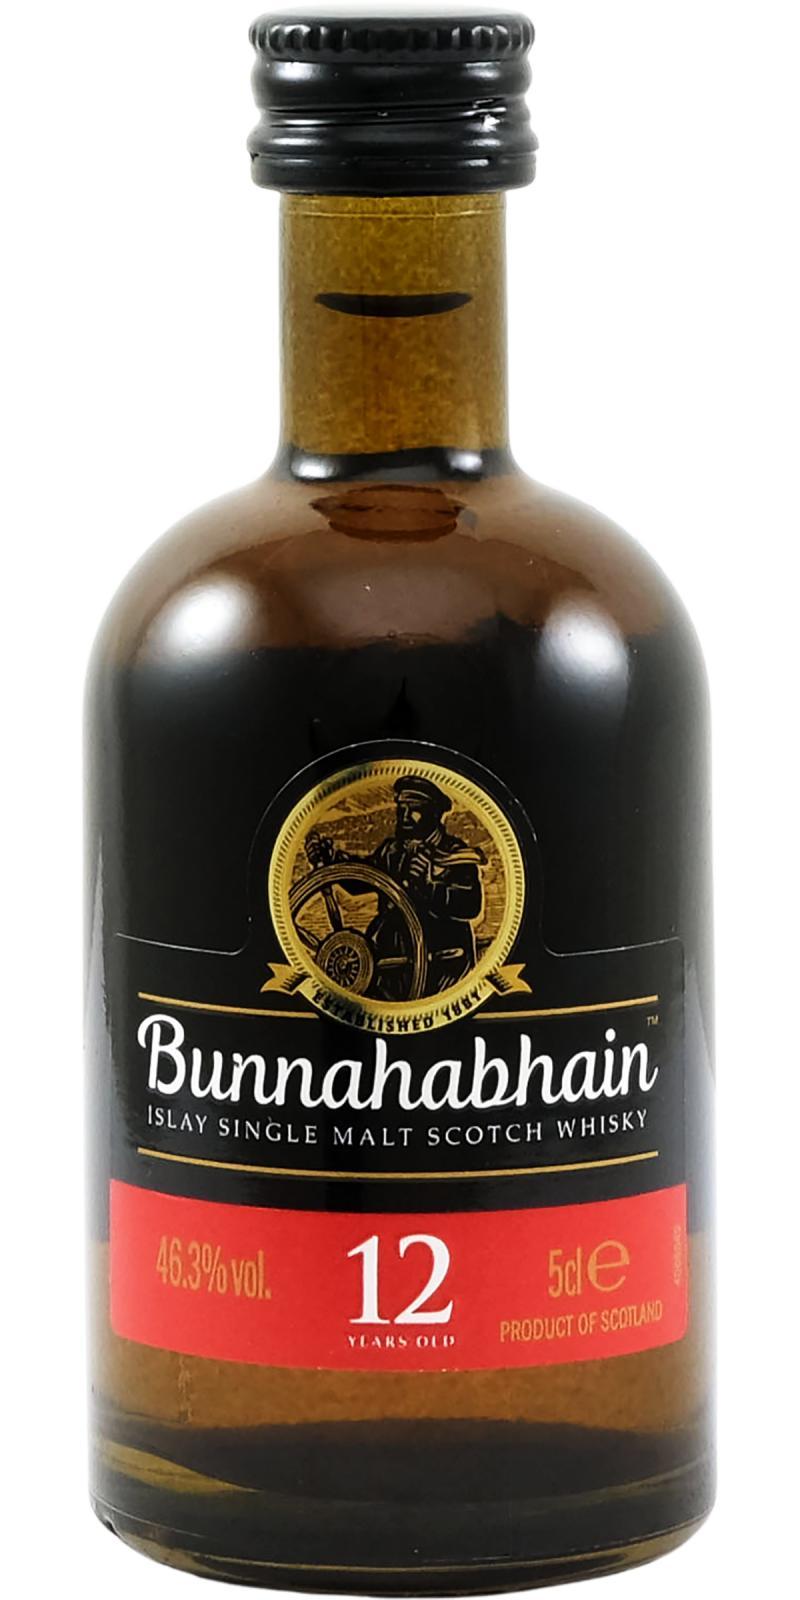 Bunnahabhain 12-year-old